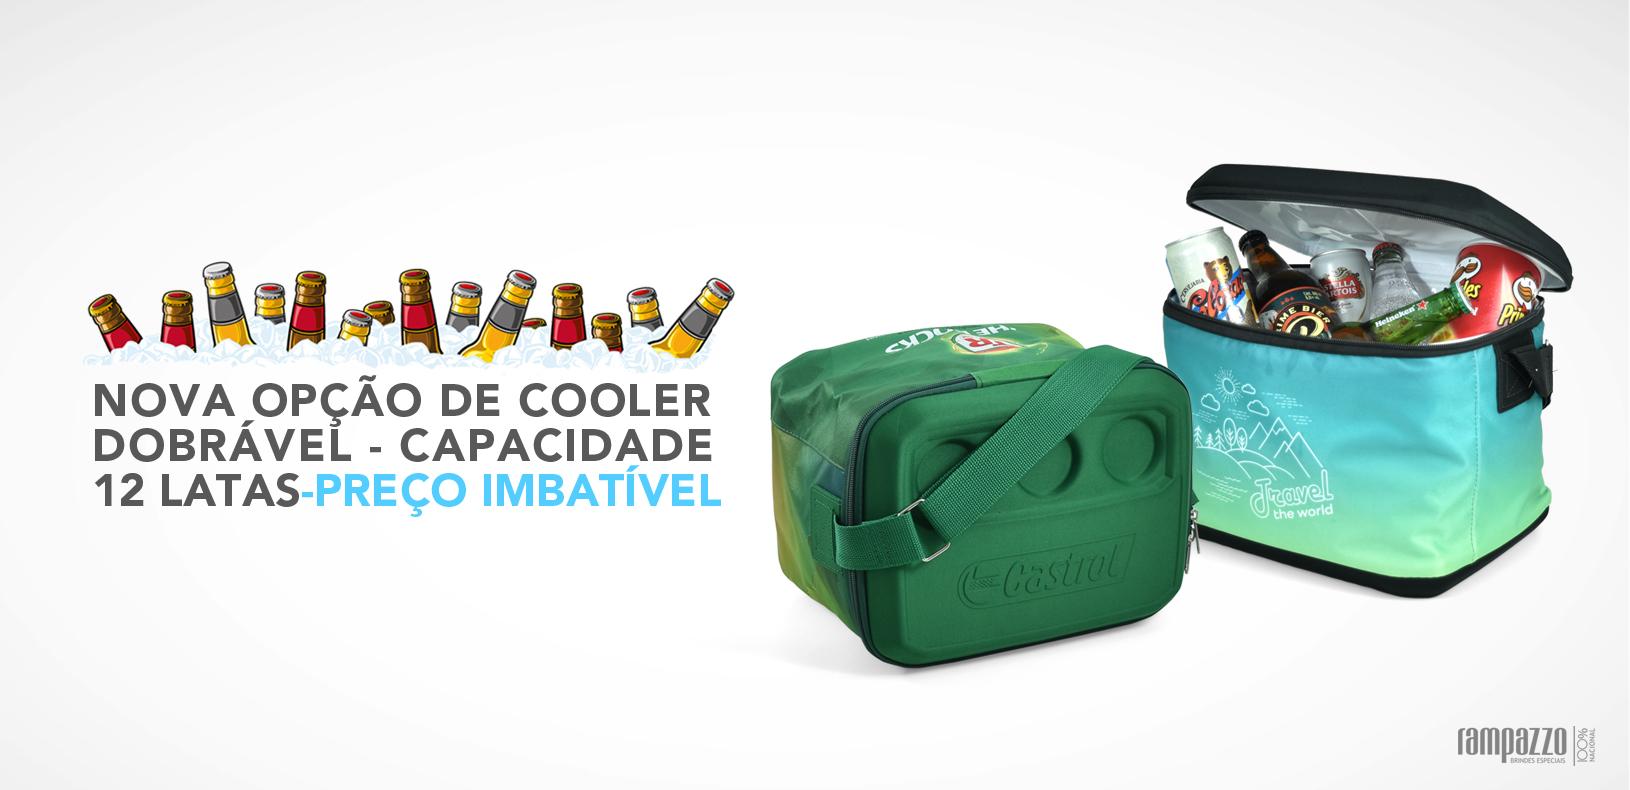 Cooler personalizadp